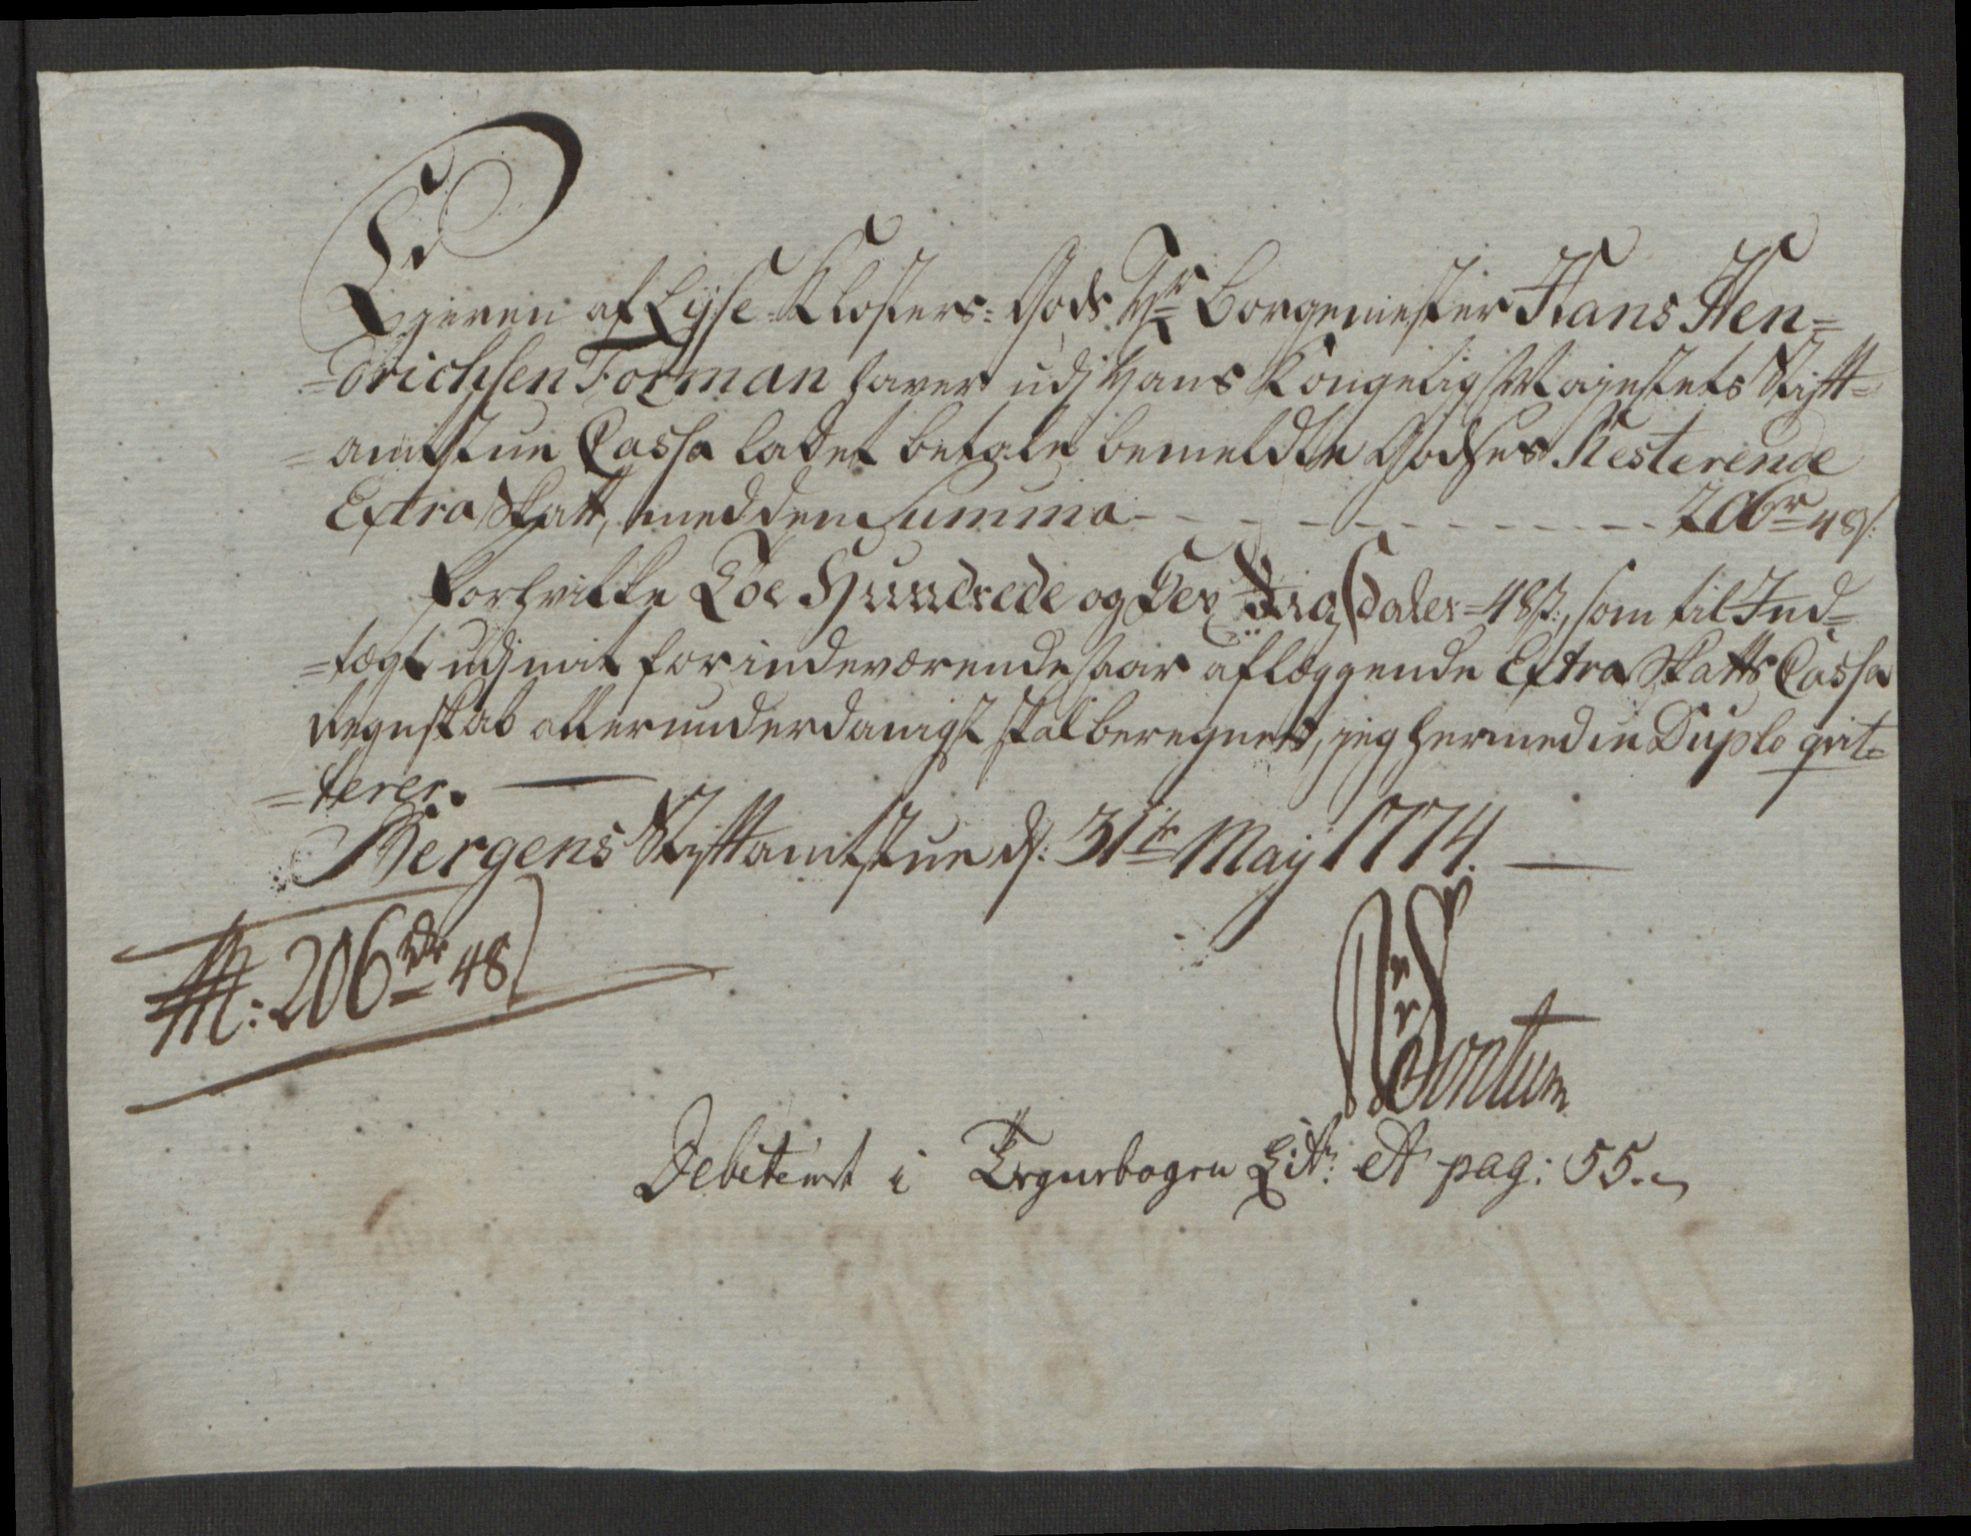 RA, Rentekammeret inntil 1814, Reviderte regnskaper, Fogderegnskap, R50/L3180: Ekstraskatten Lyse kloster, 1762-1783, s. 322